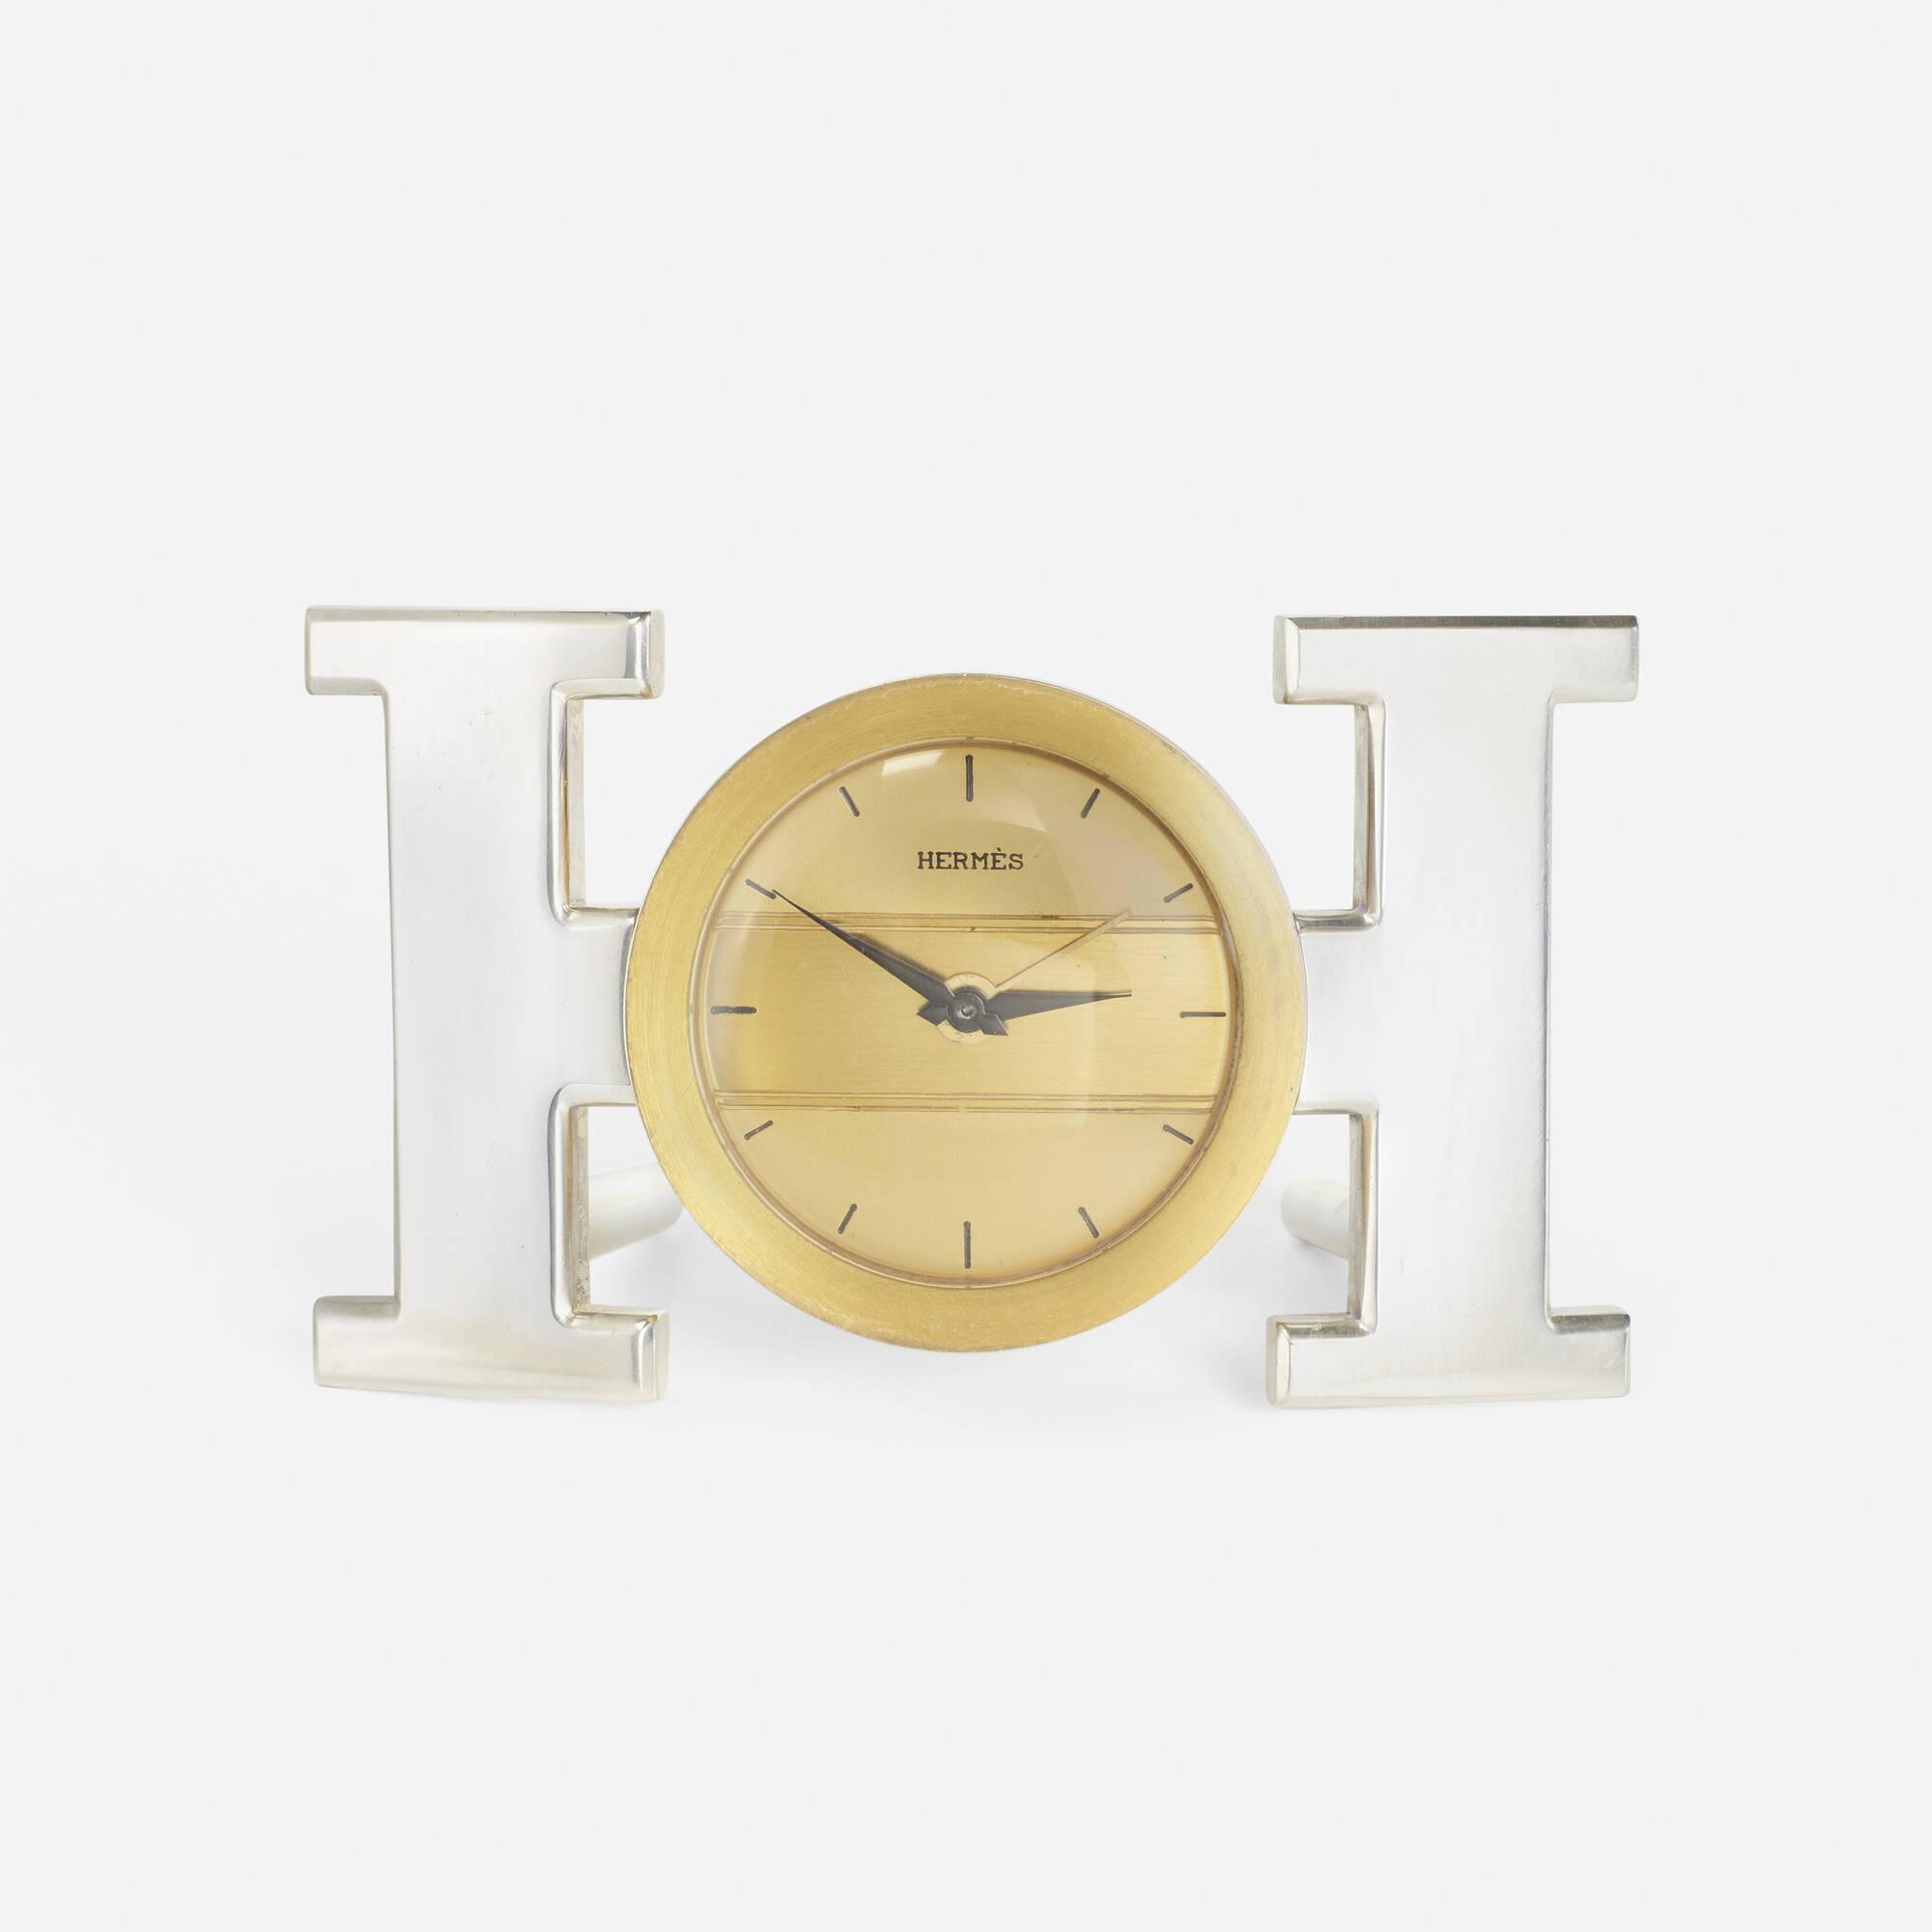 231: Hermès / An H table clock (1 of 1)